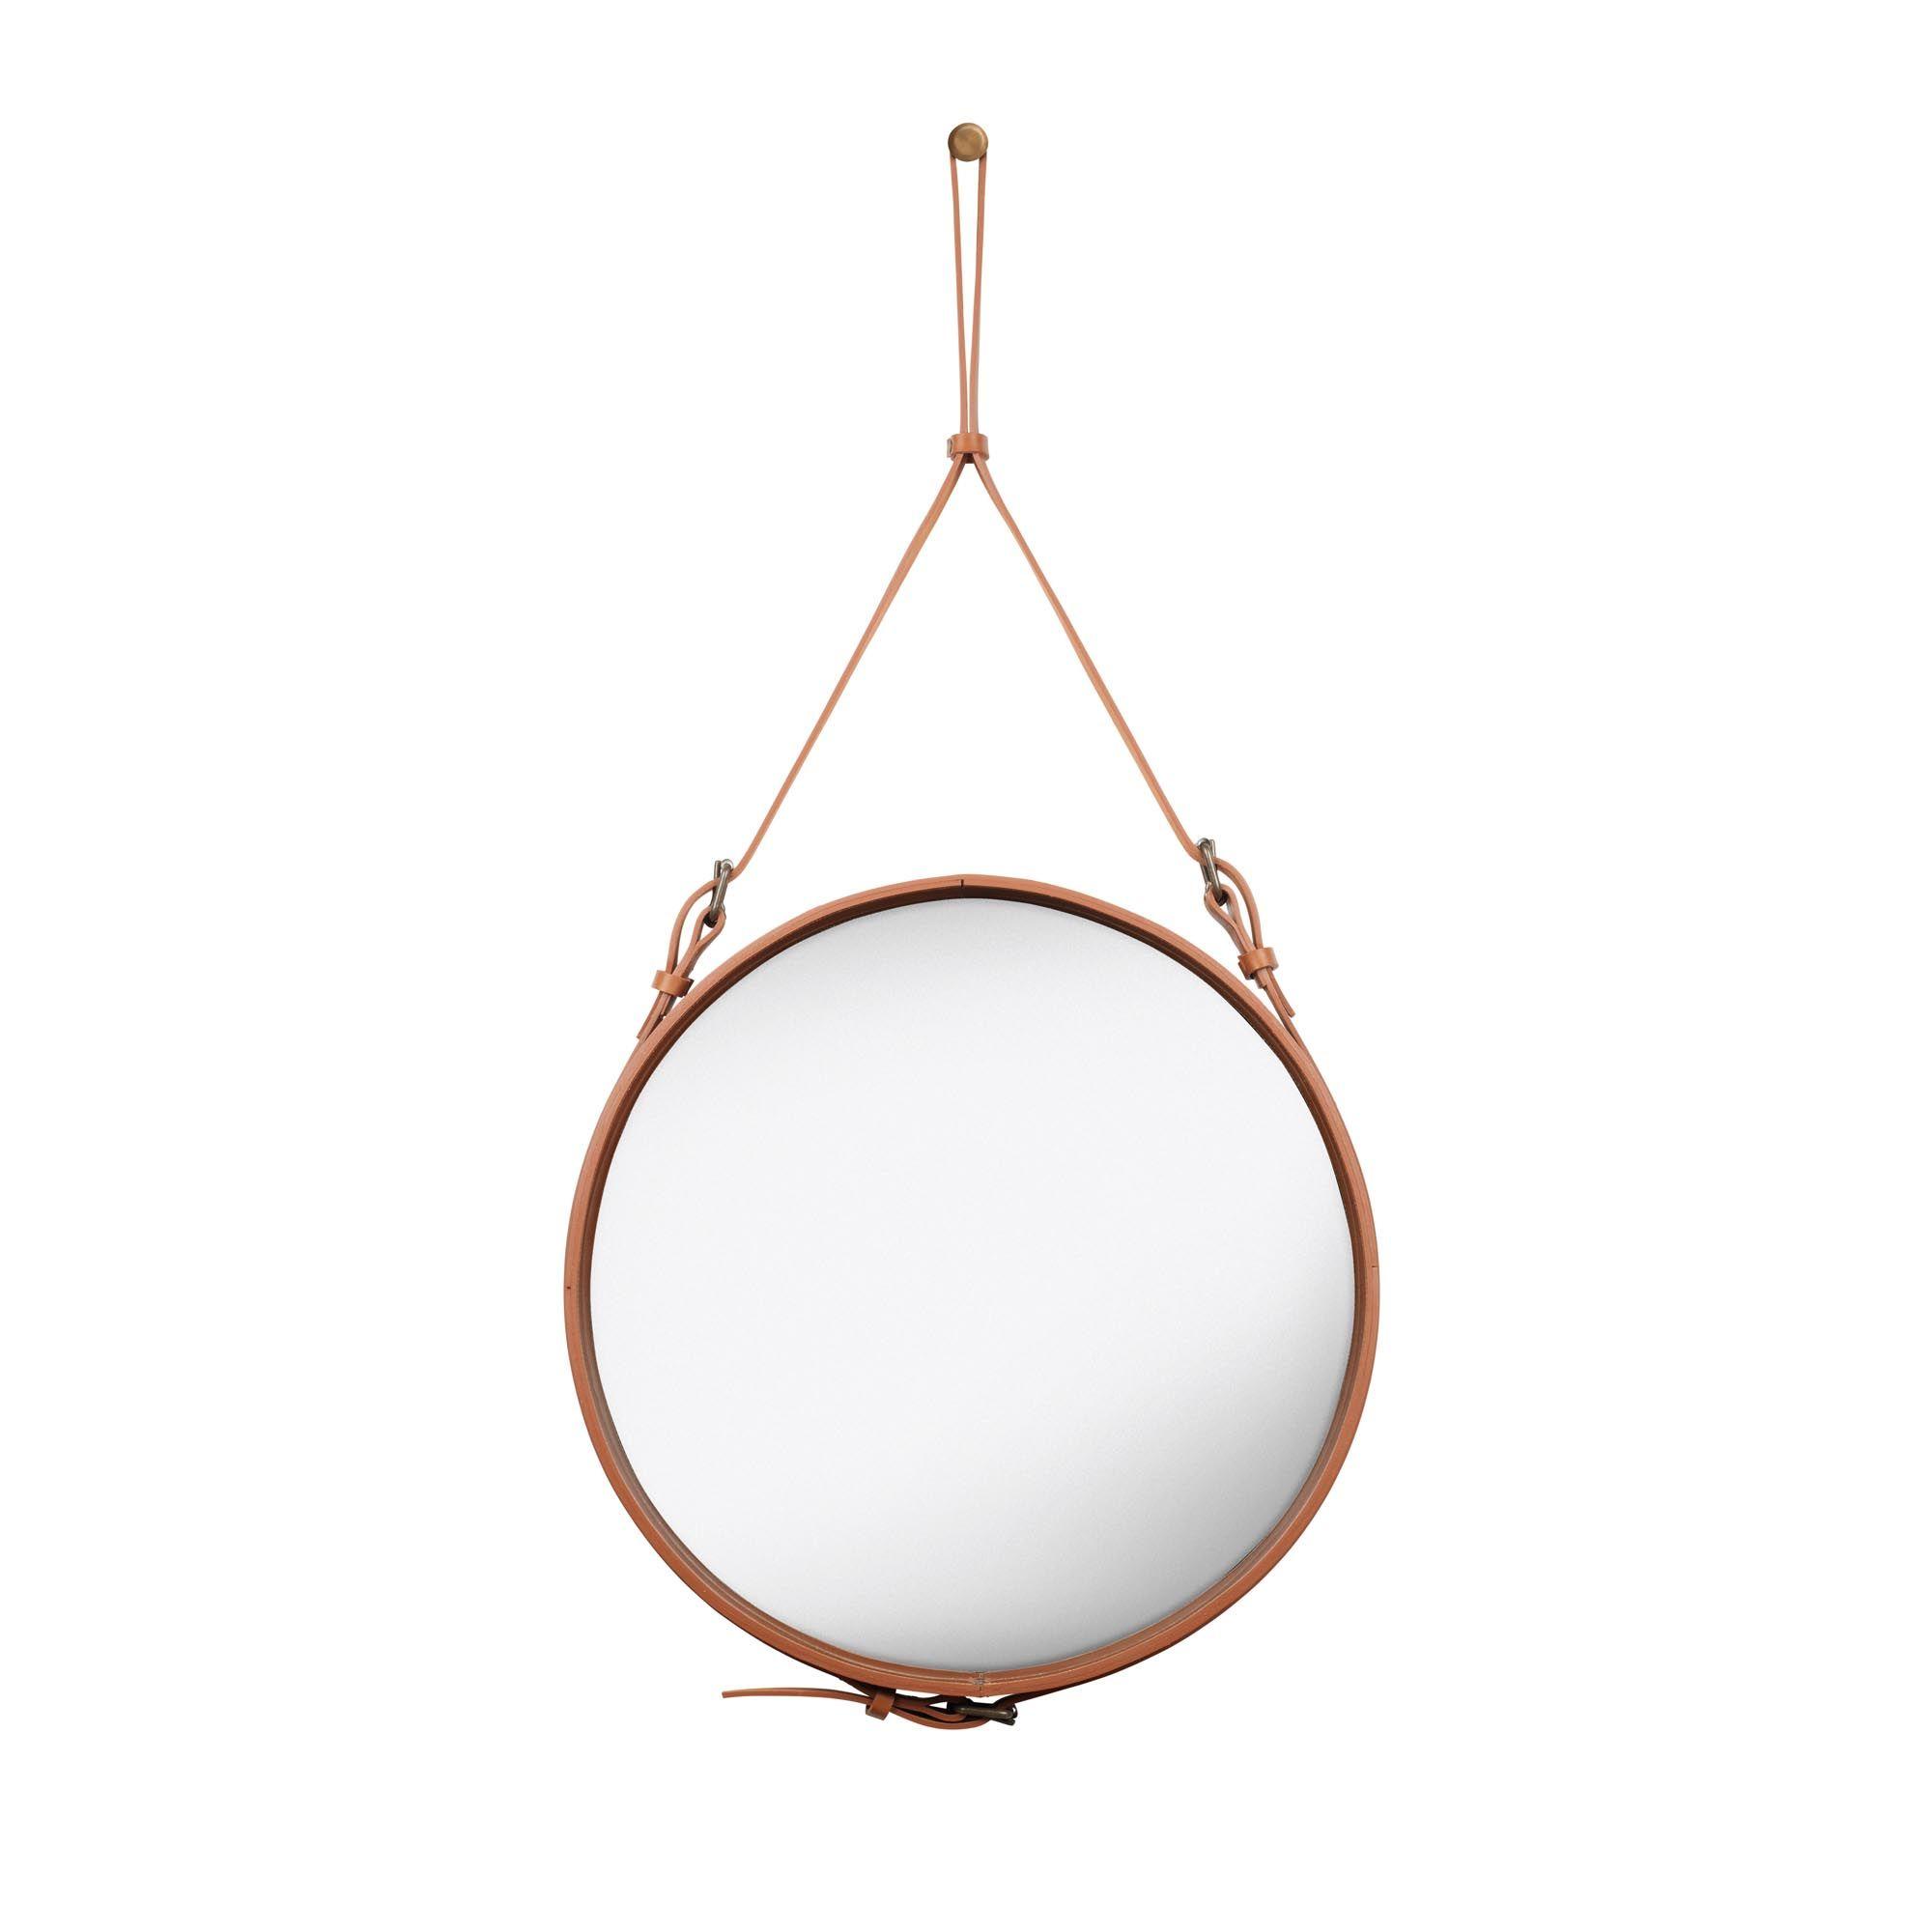 Gubi Wandspiegel Rund Adnet Glas Leder Braun Mit Bildern